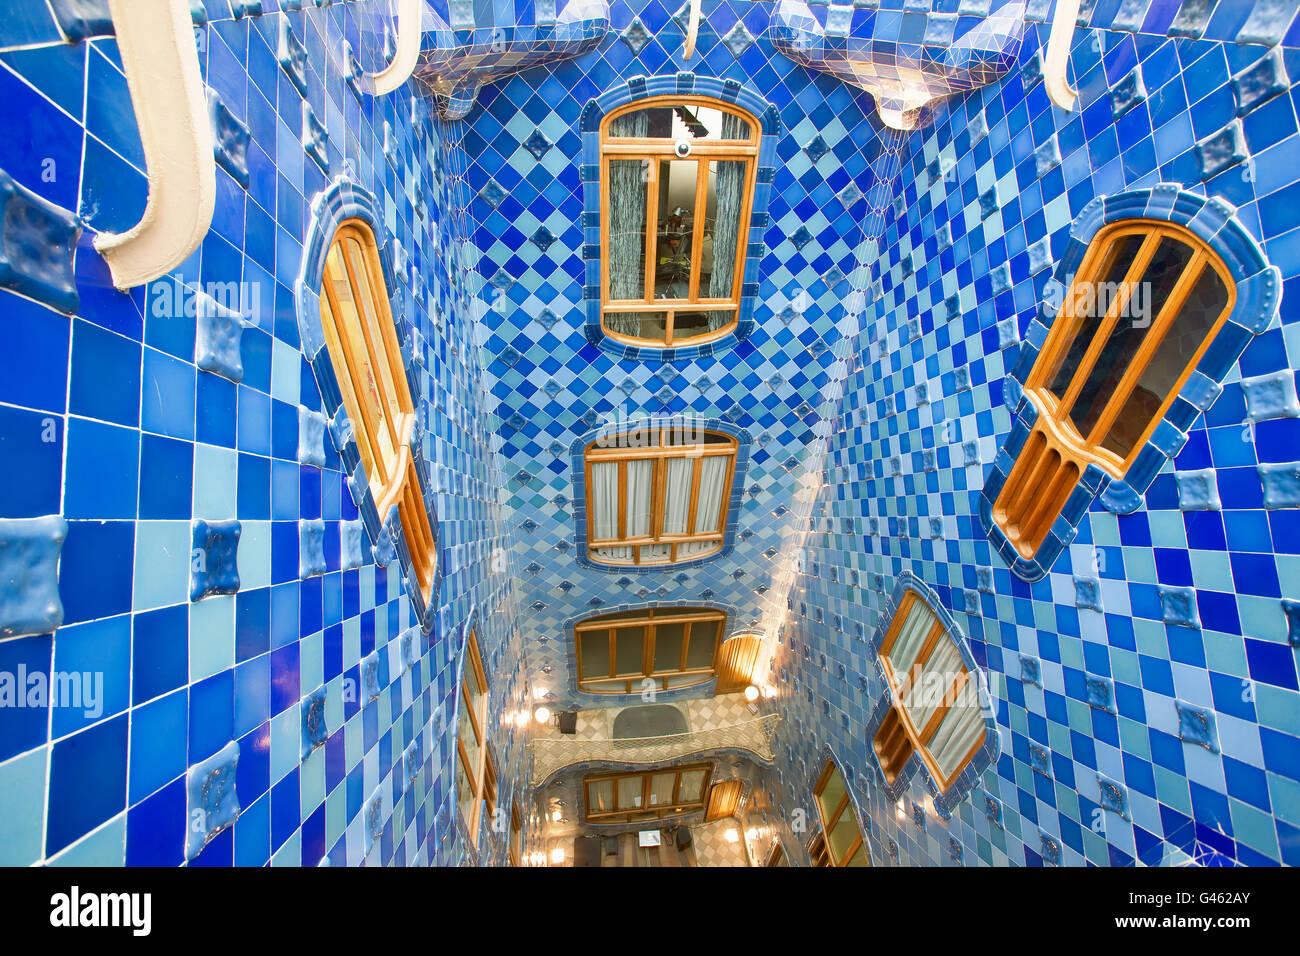 La Casa Batlló de Gaudi à Barcelone Photo Stock